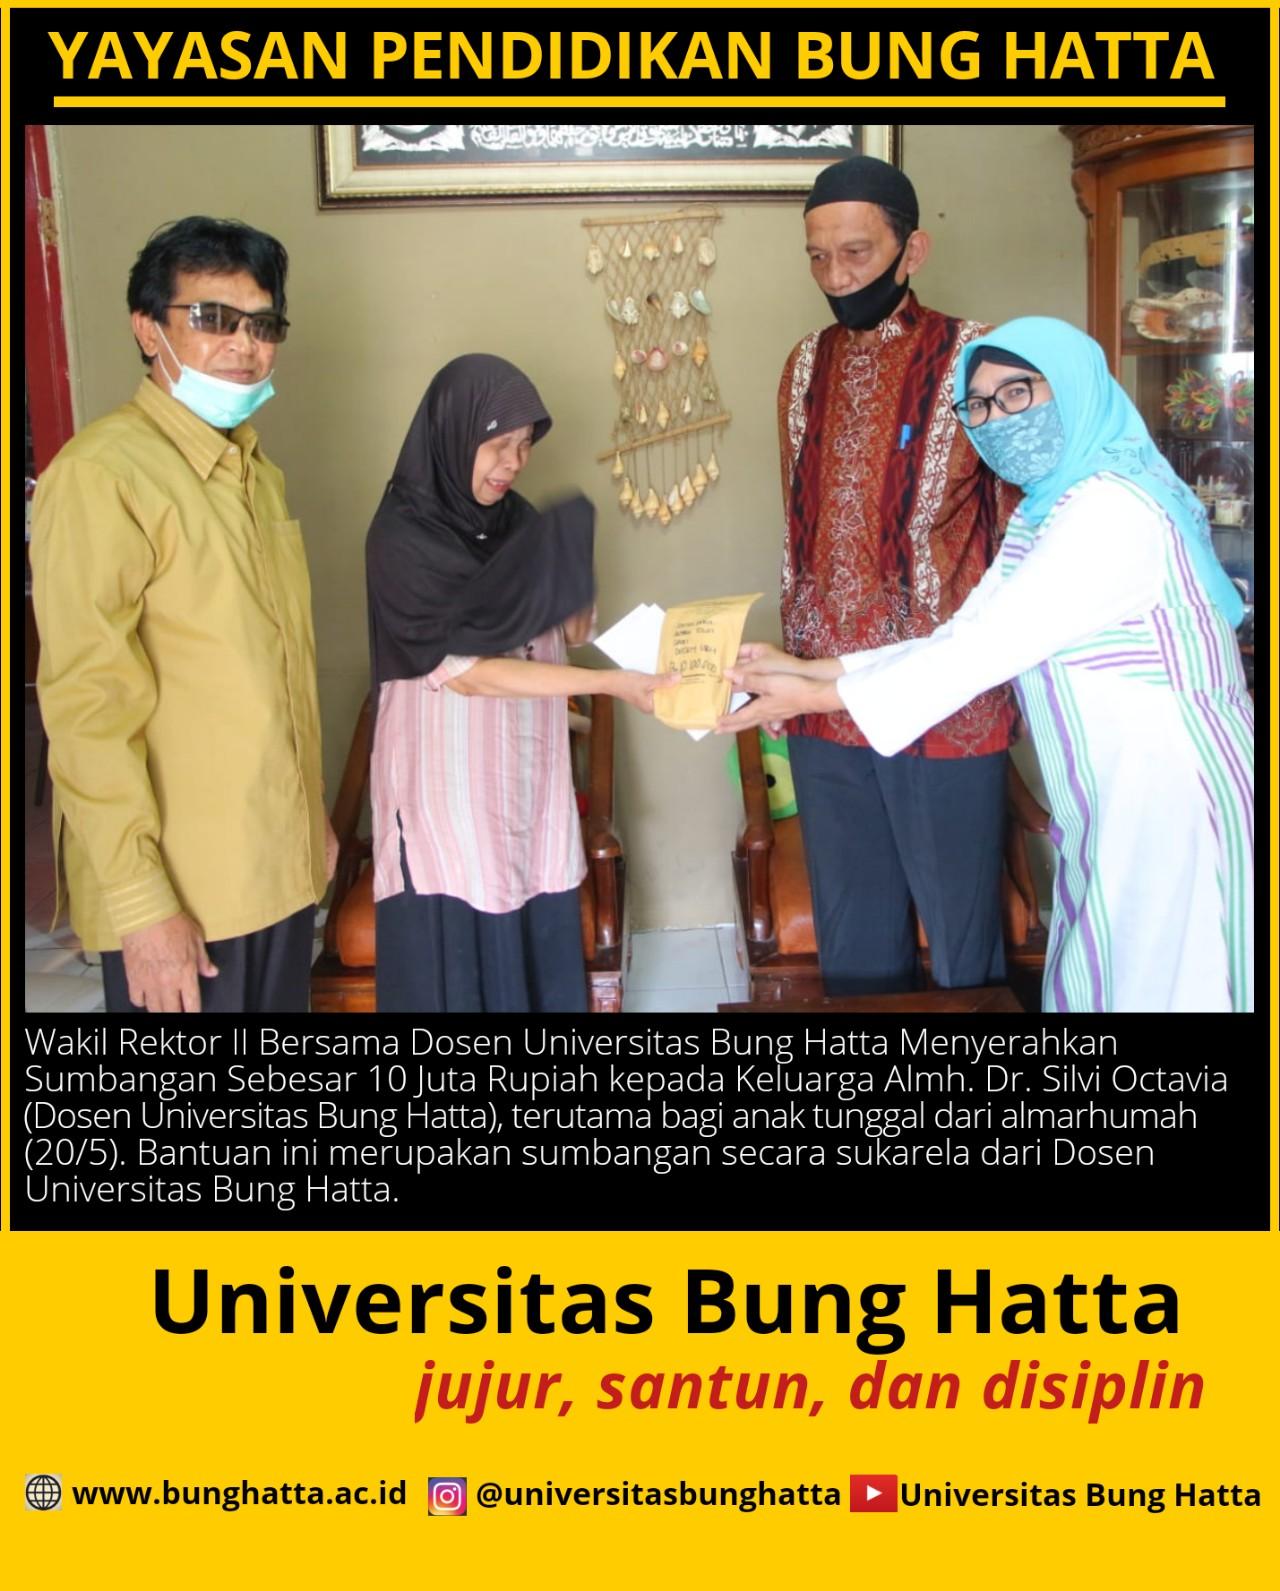 Dosen Universitas Bung Hatta Kunjungi Kediaman Almh. Dr. Silvi Octavia